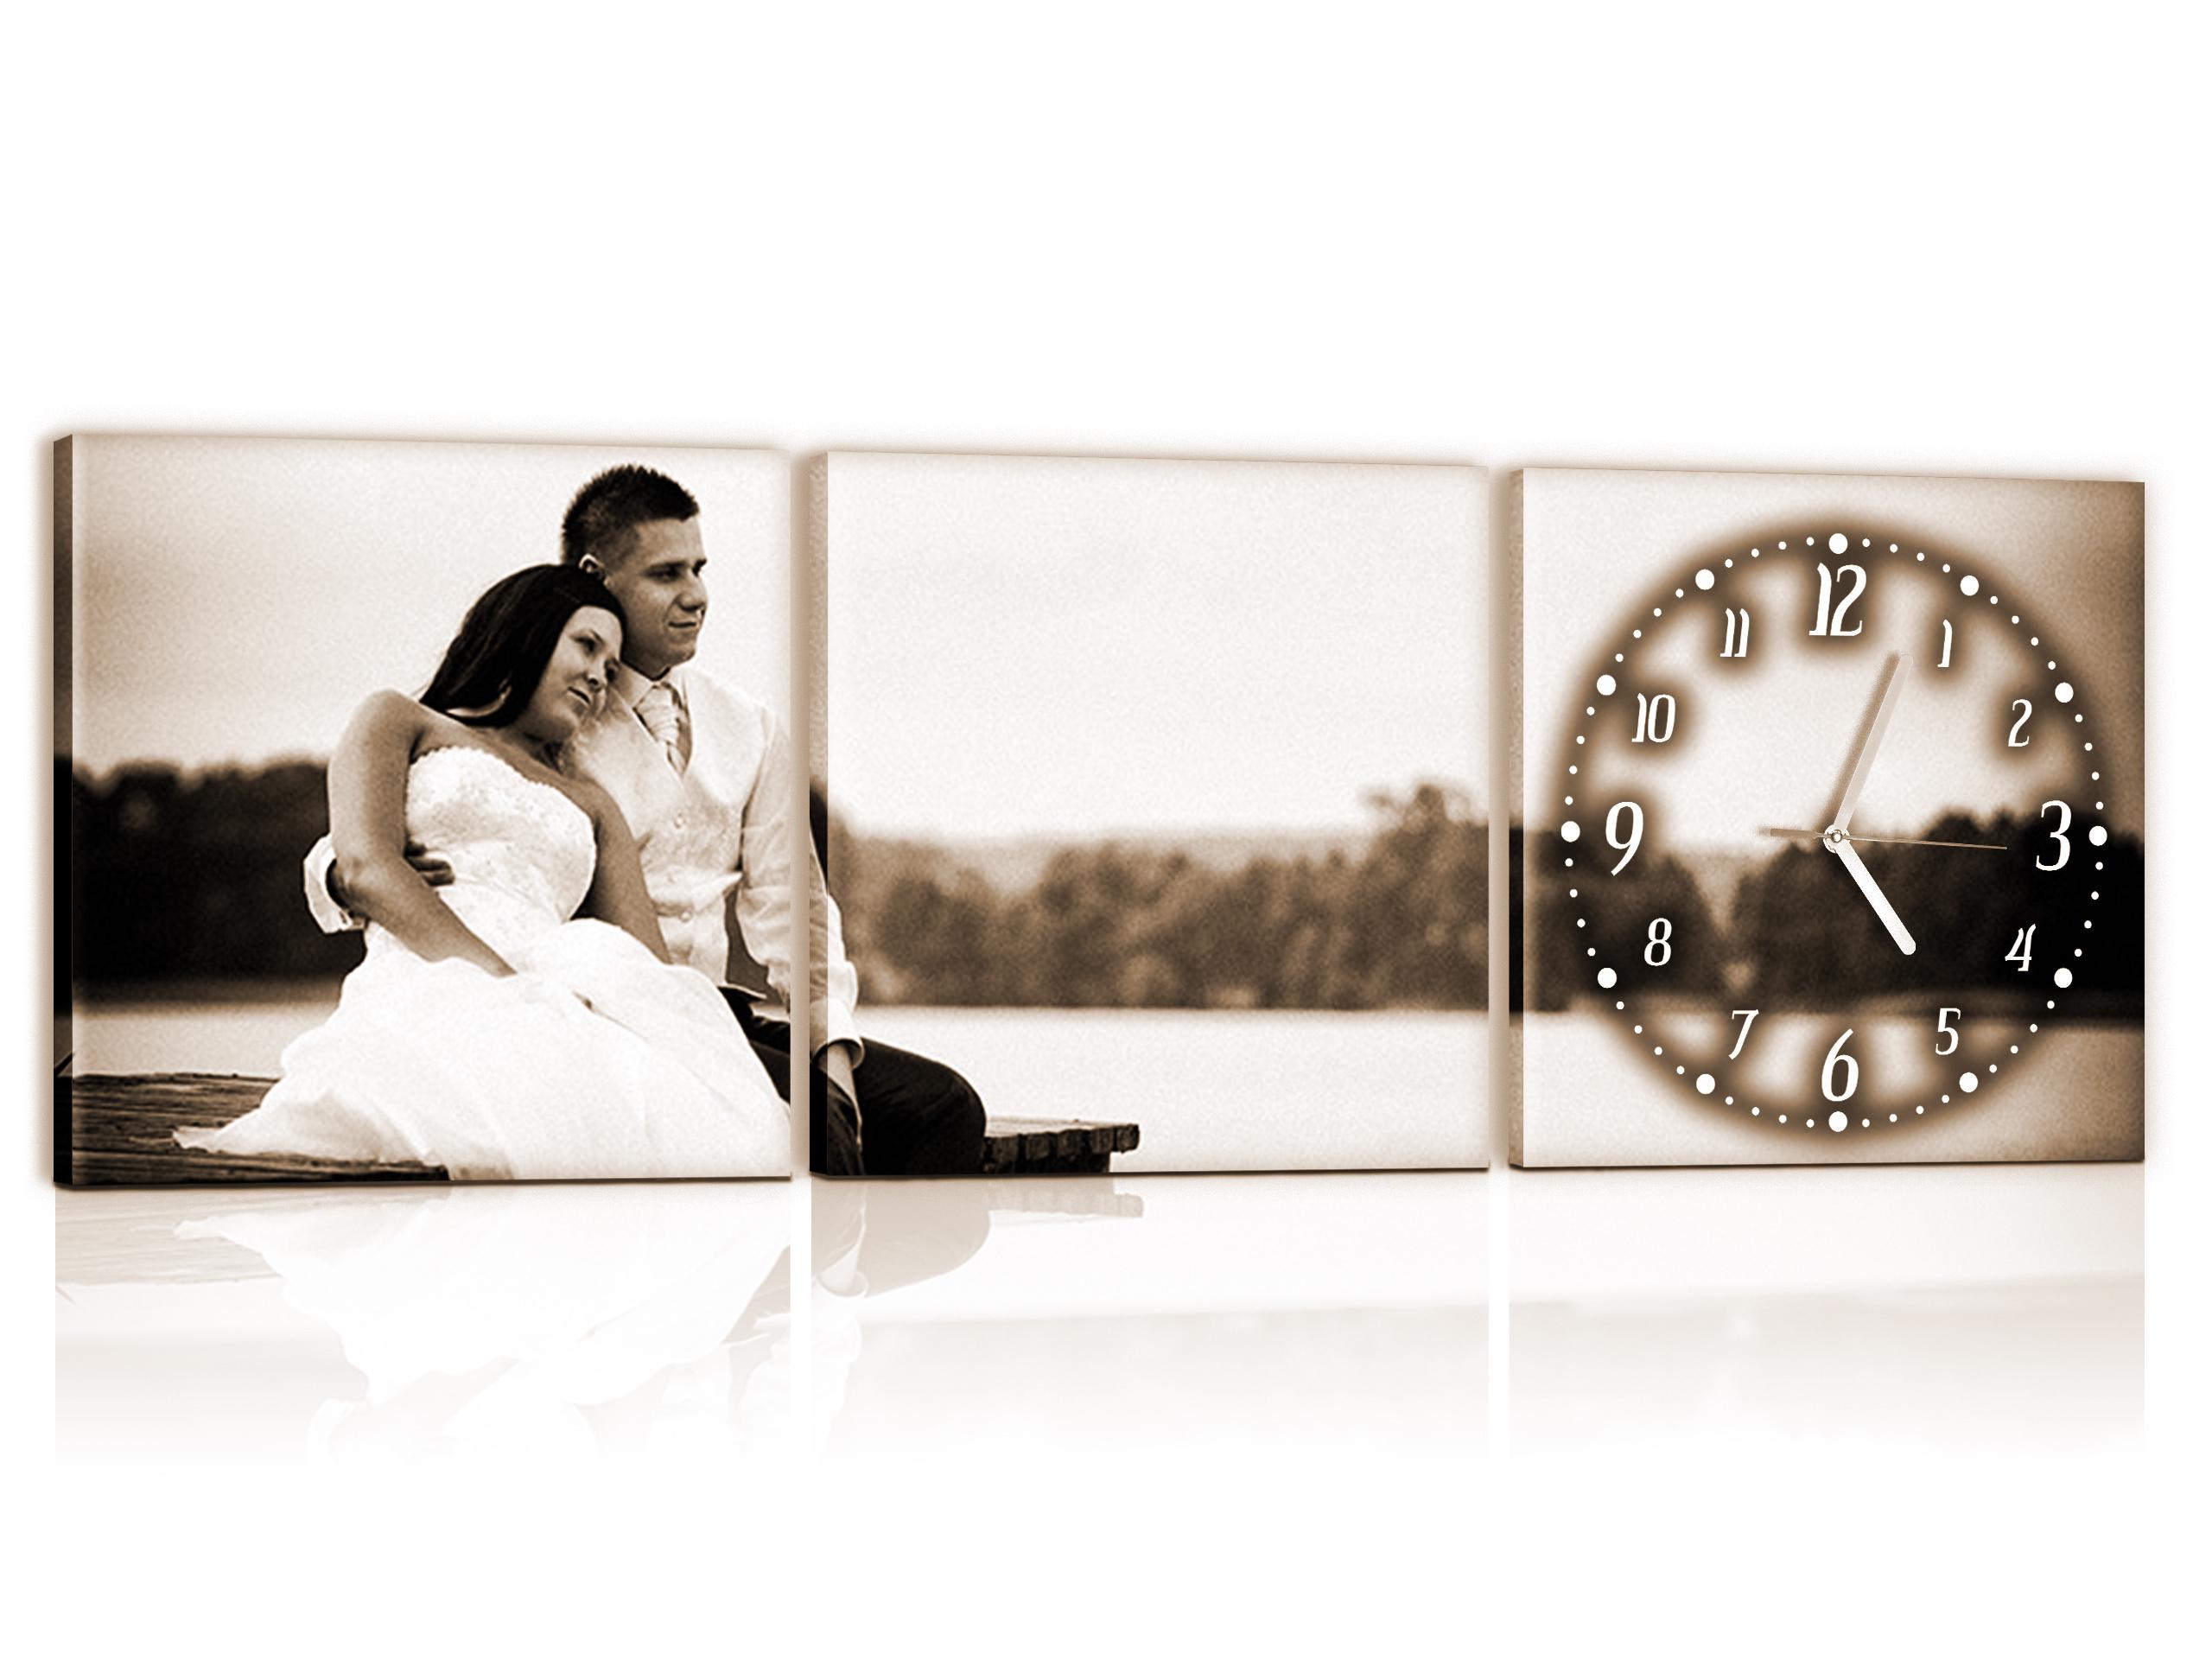 часы на фото холсте работе был всего